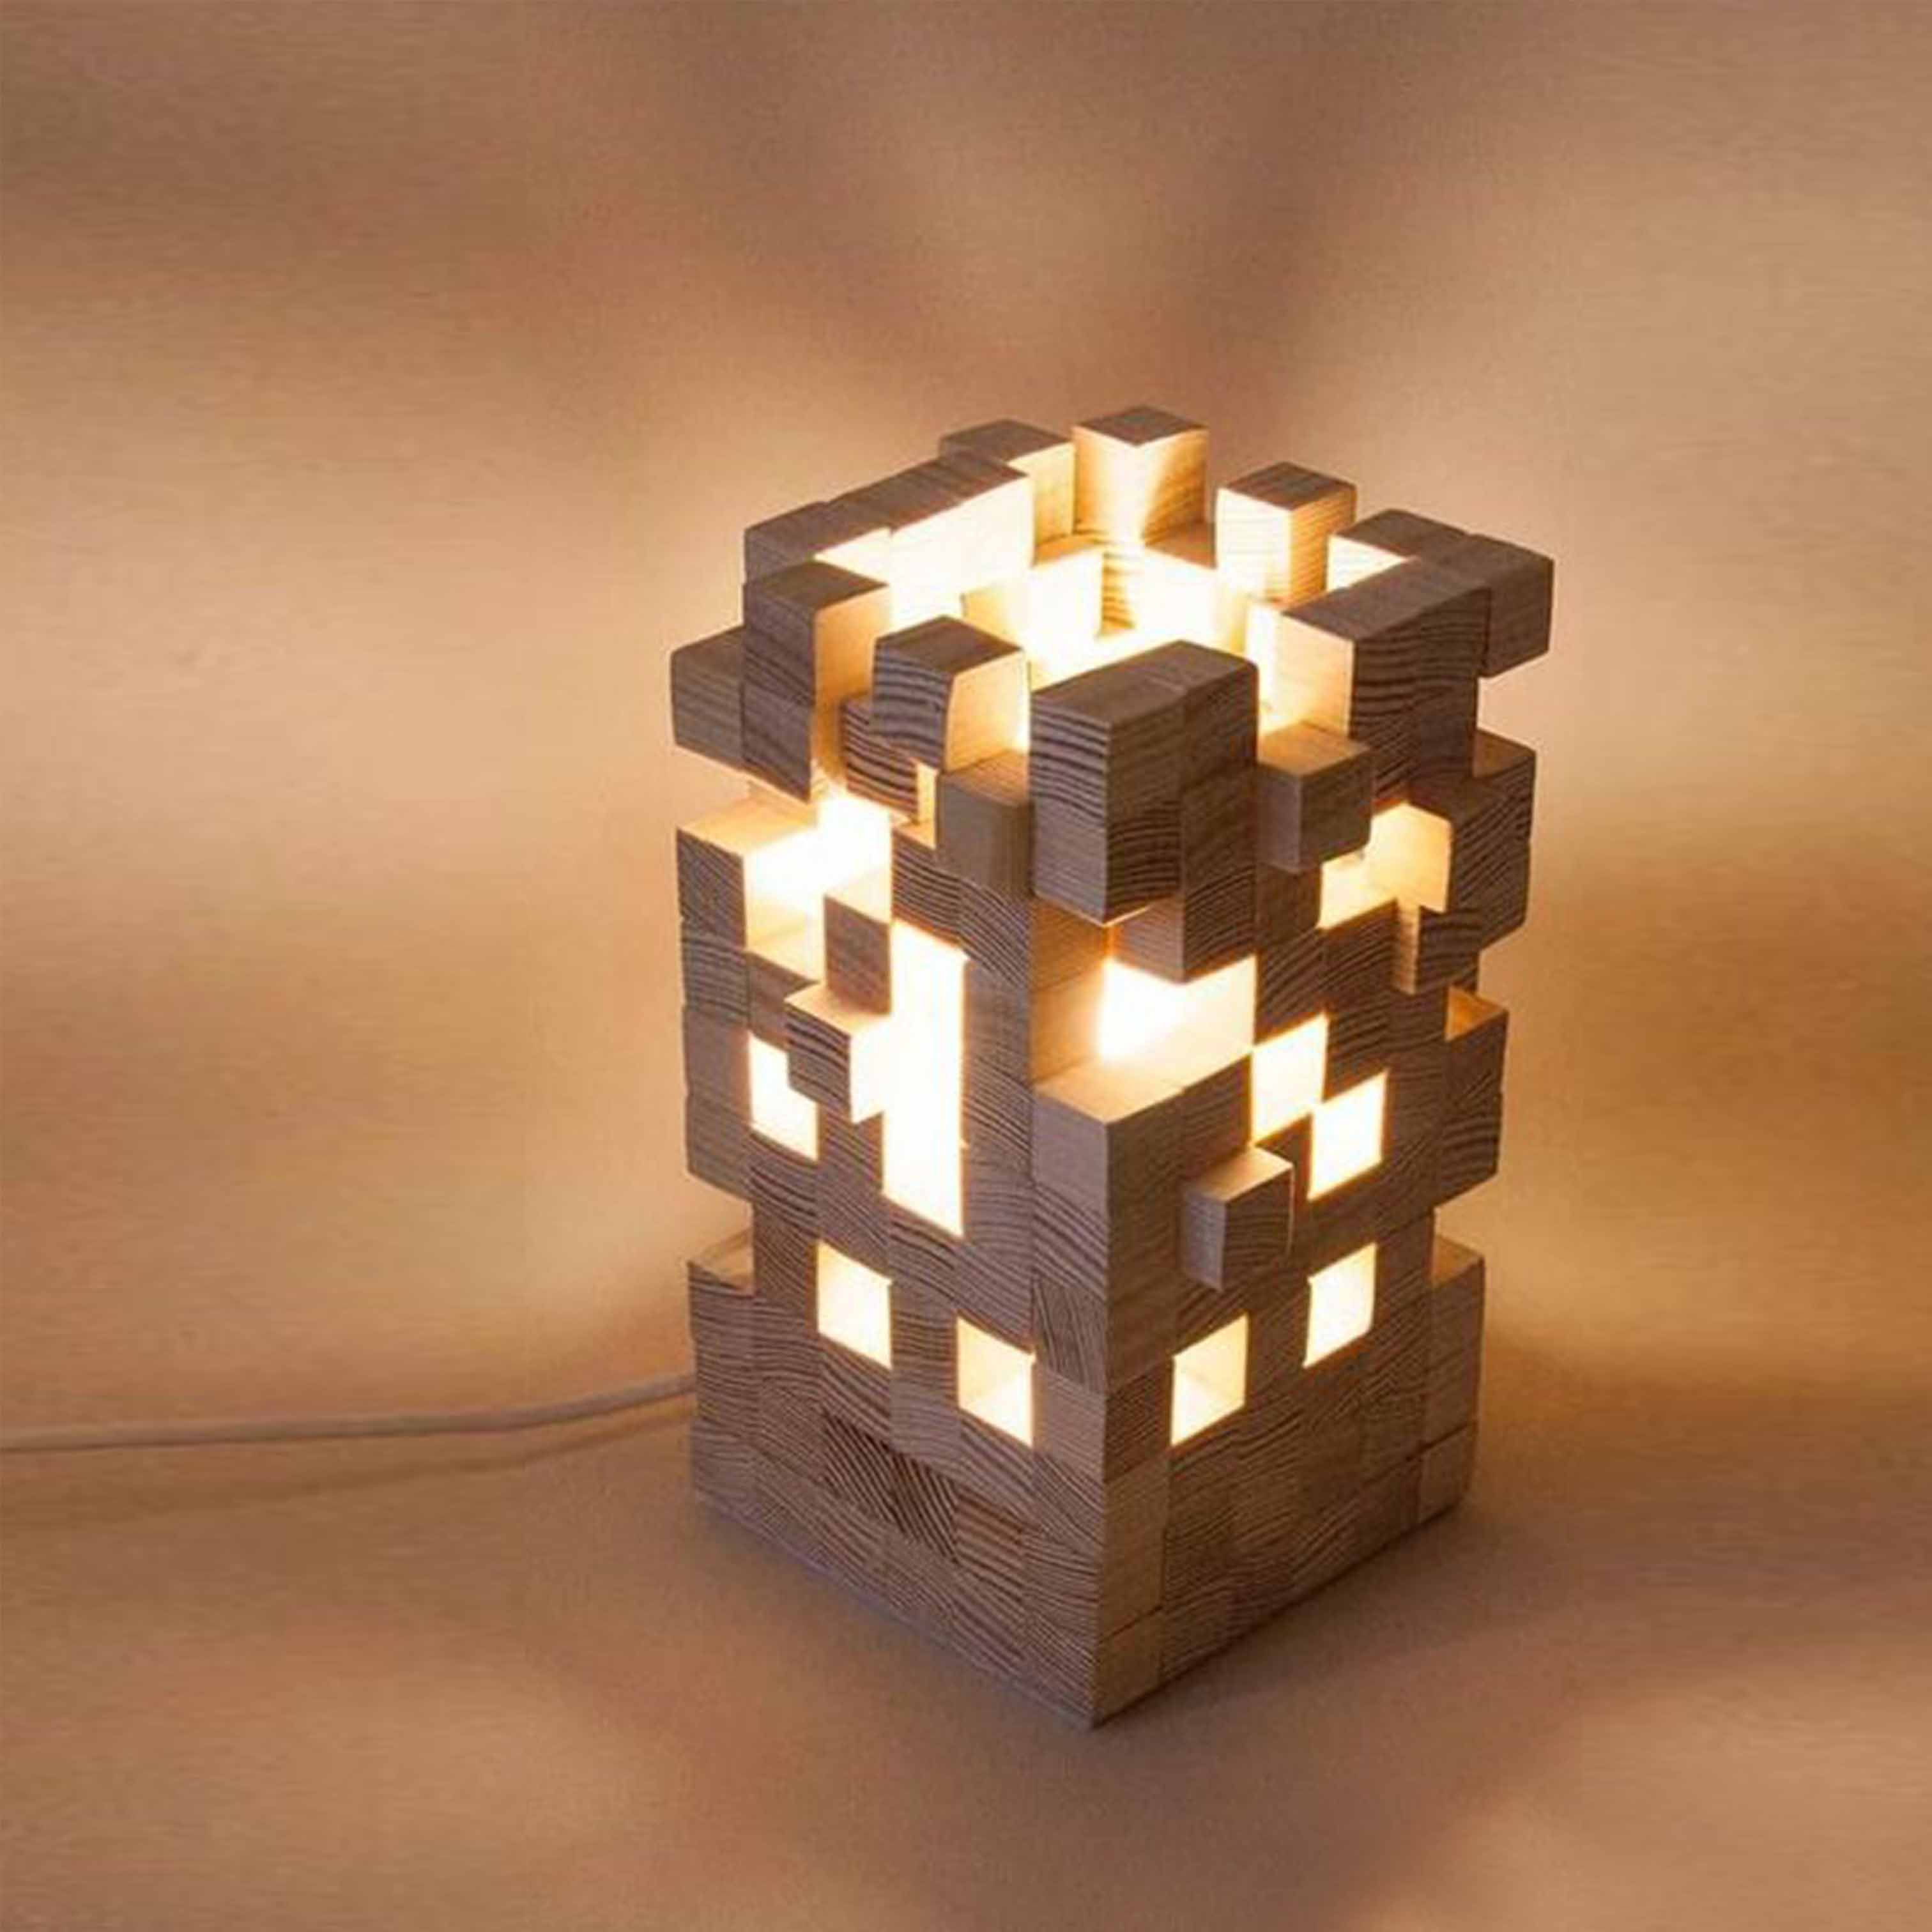 Đèn gỗ trang trí nghệ thuật - D49LHFU